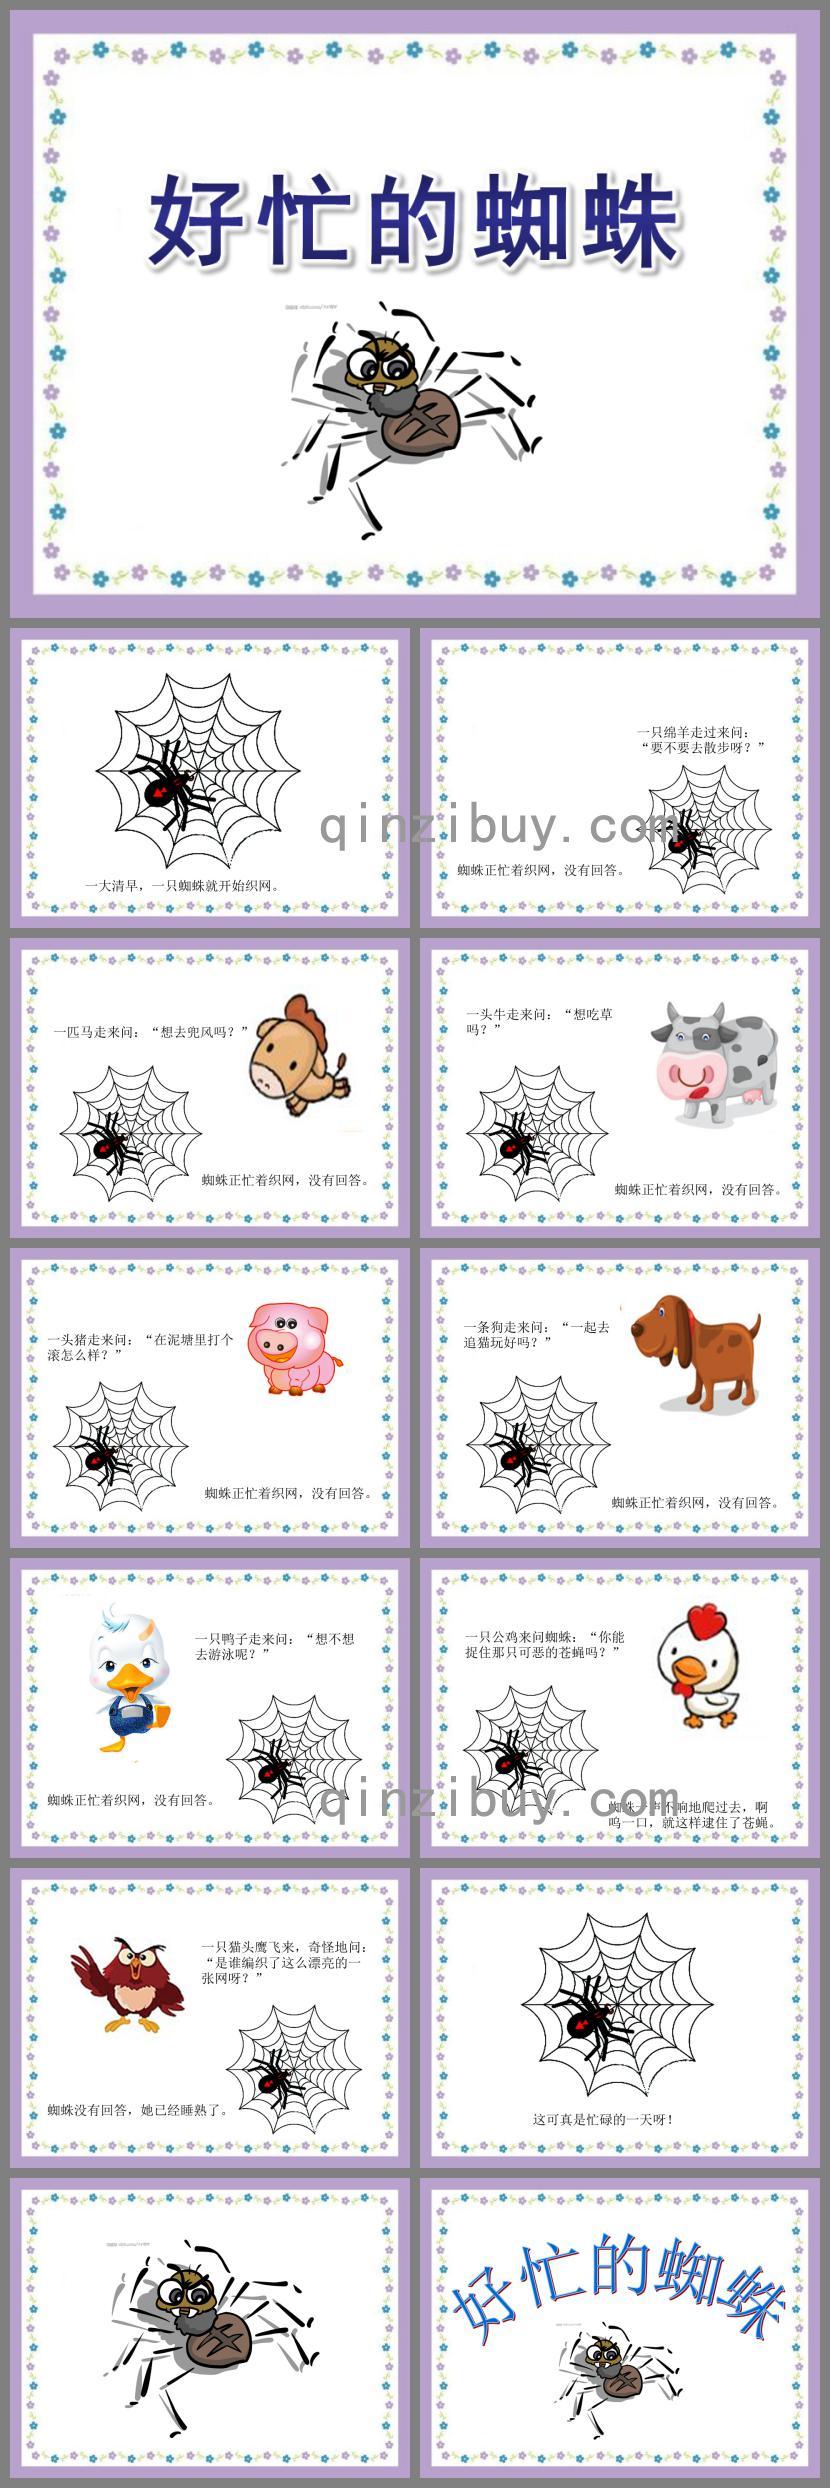 中班语言好忙的蜘蛛PPT课件